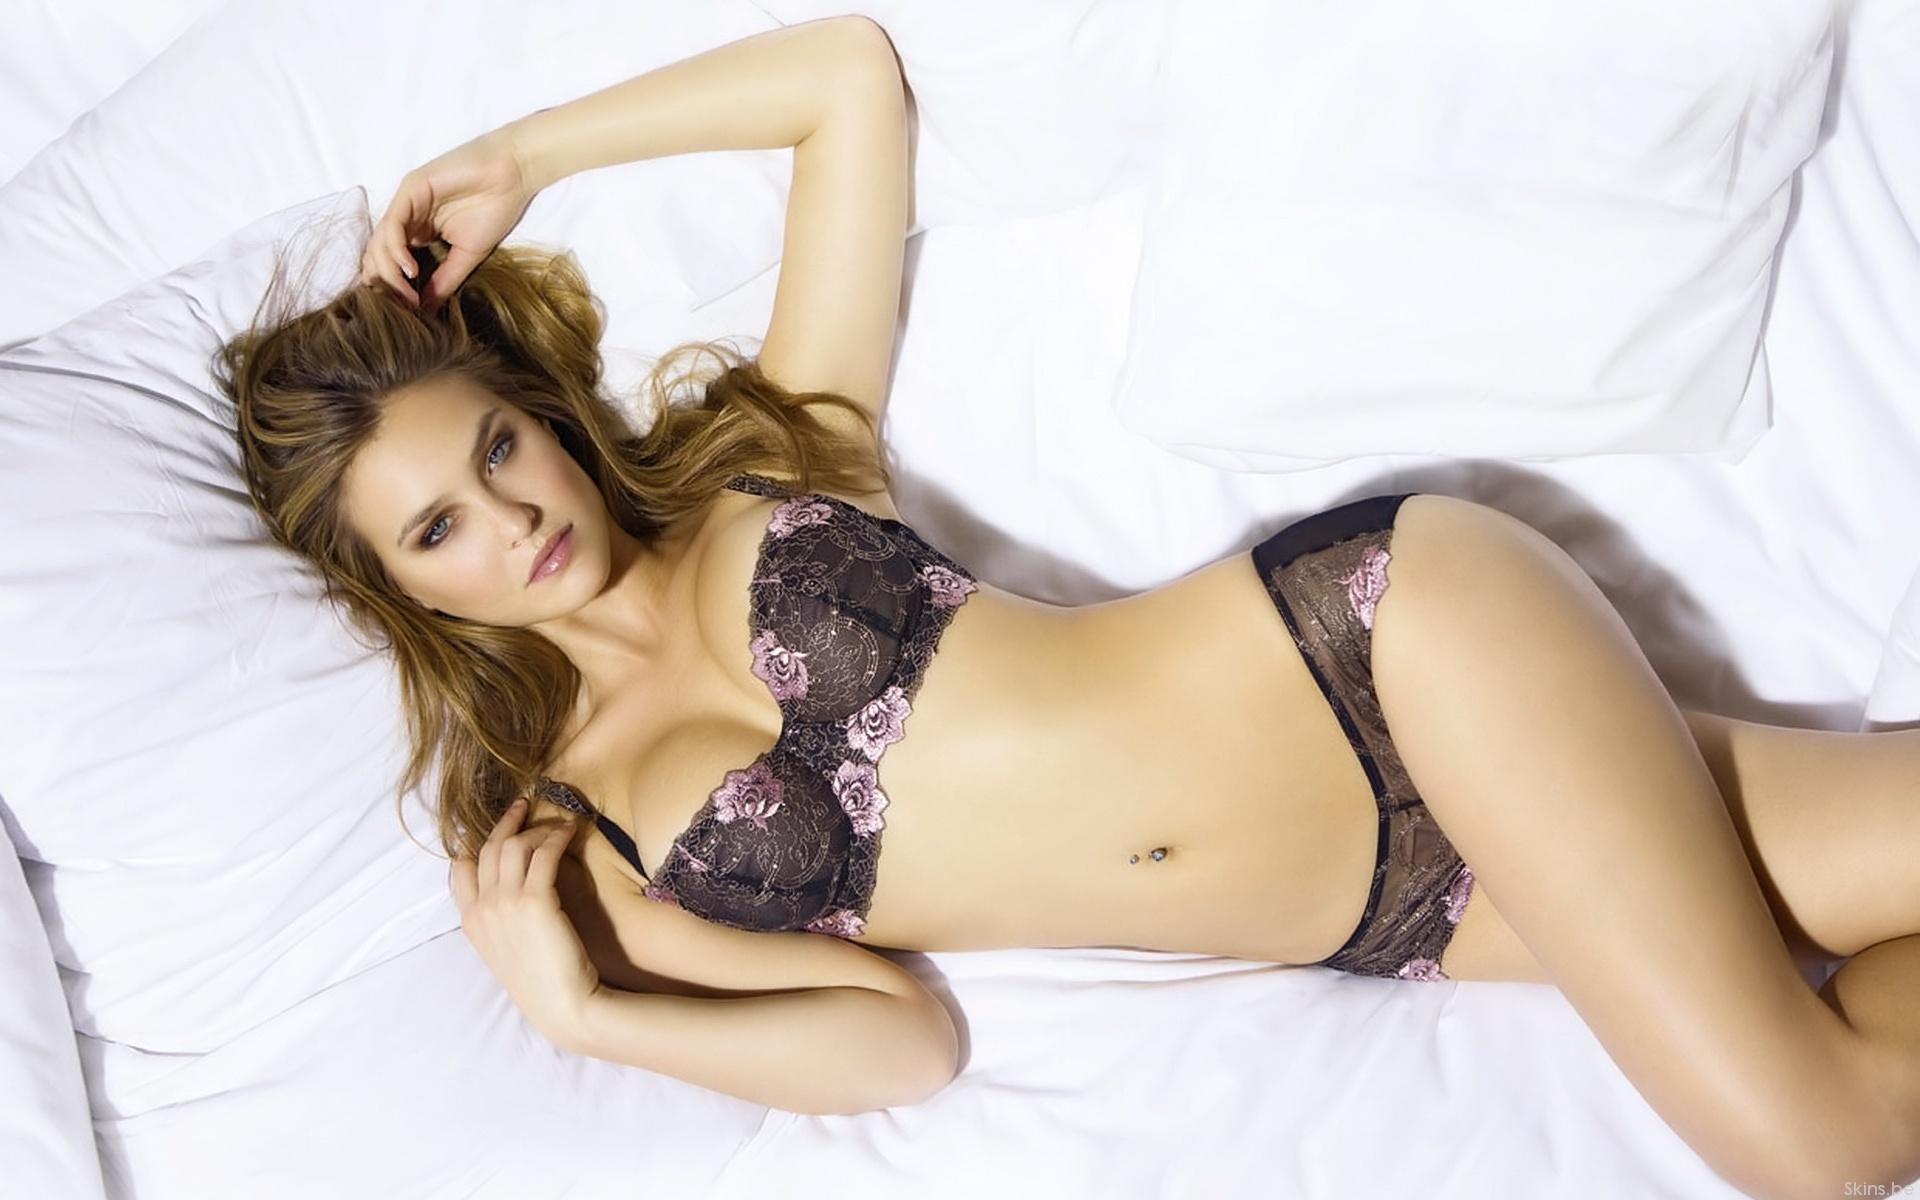 9-porno.ru Фото девушек в нижнем белье на кровати бесплатно